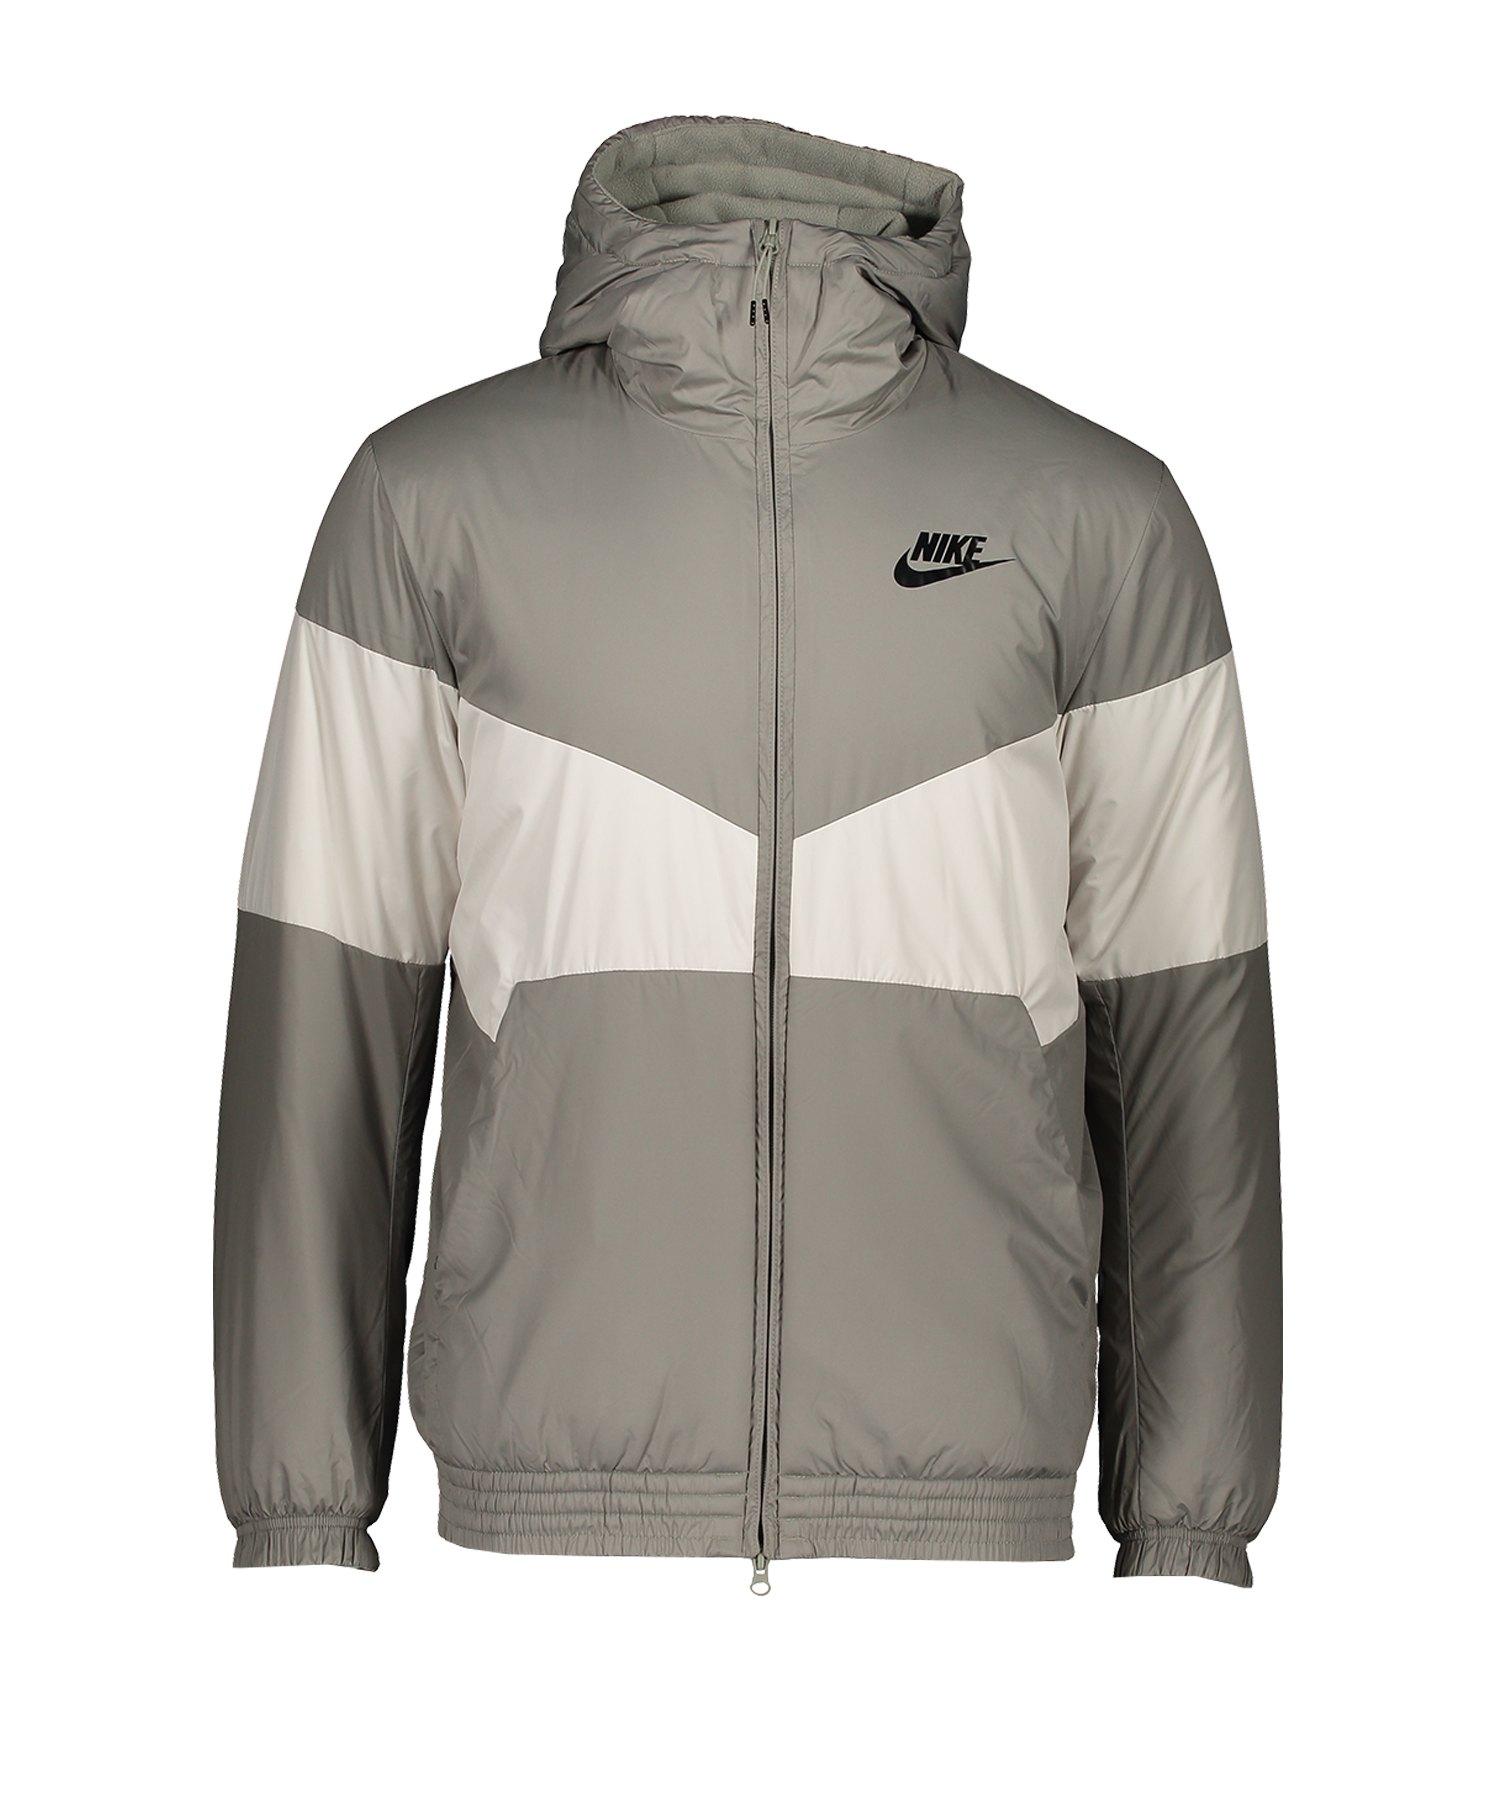 Nike Windrunner Kapuzenjacke Grau F004 - grau